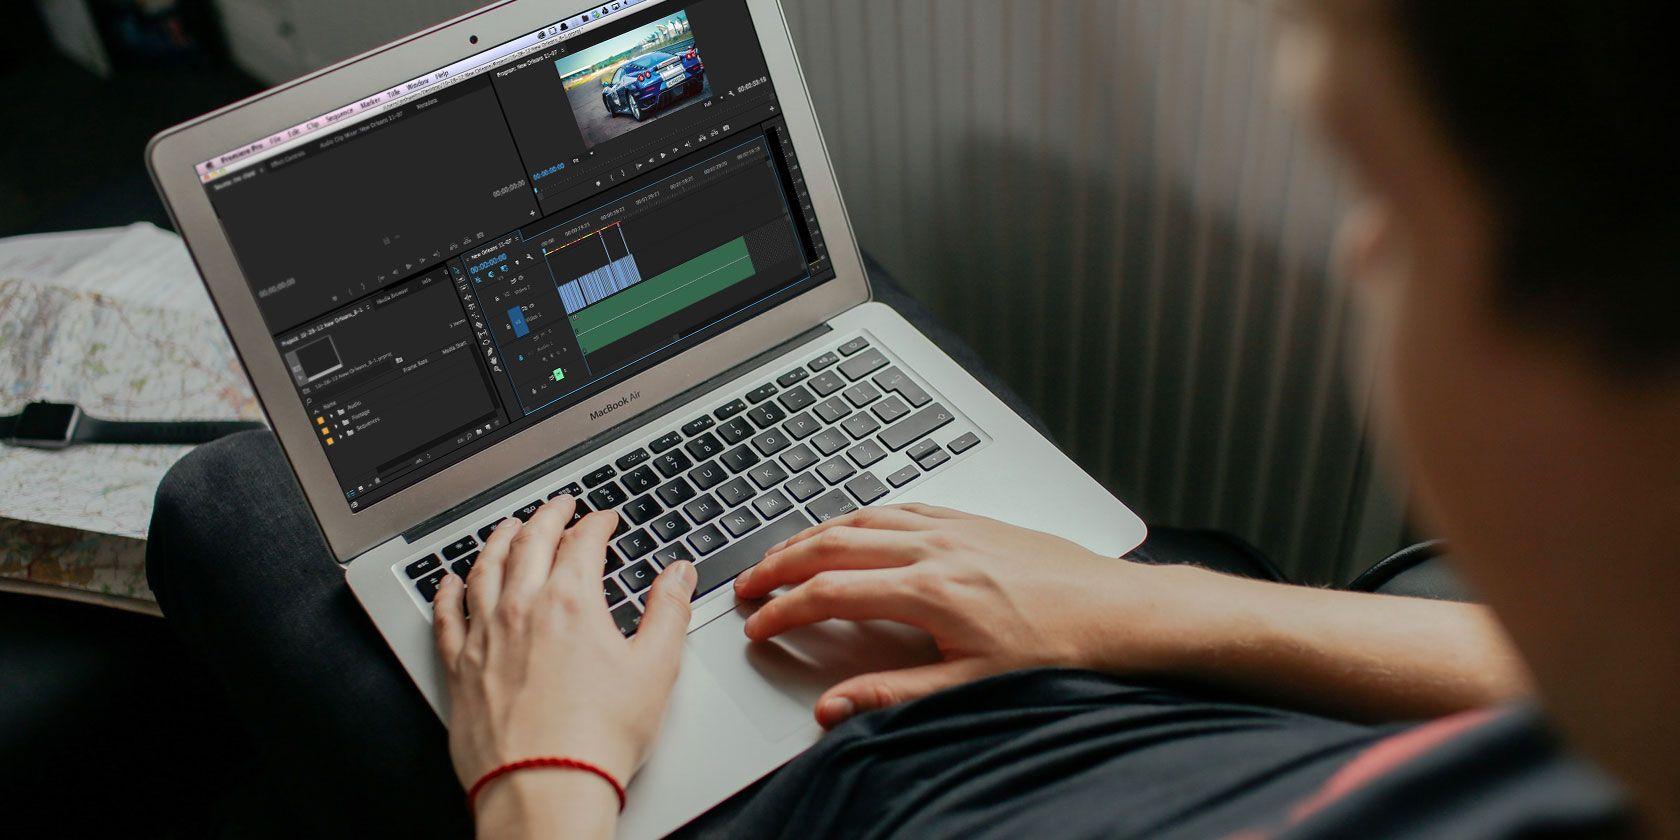 offline-video-editing-weak-computer